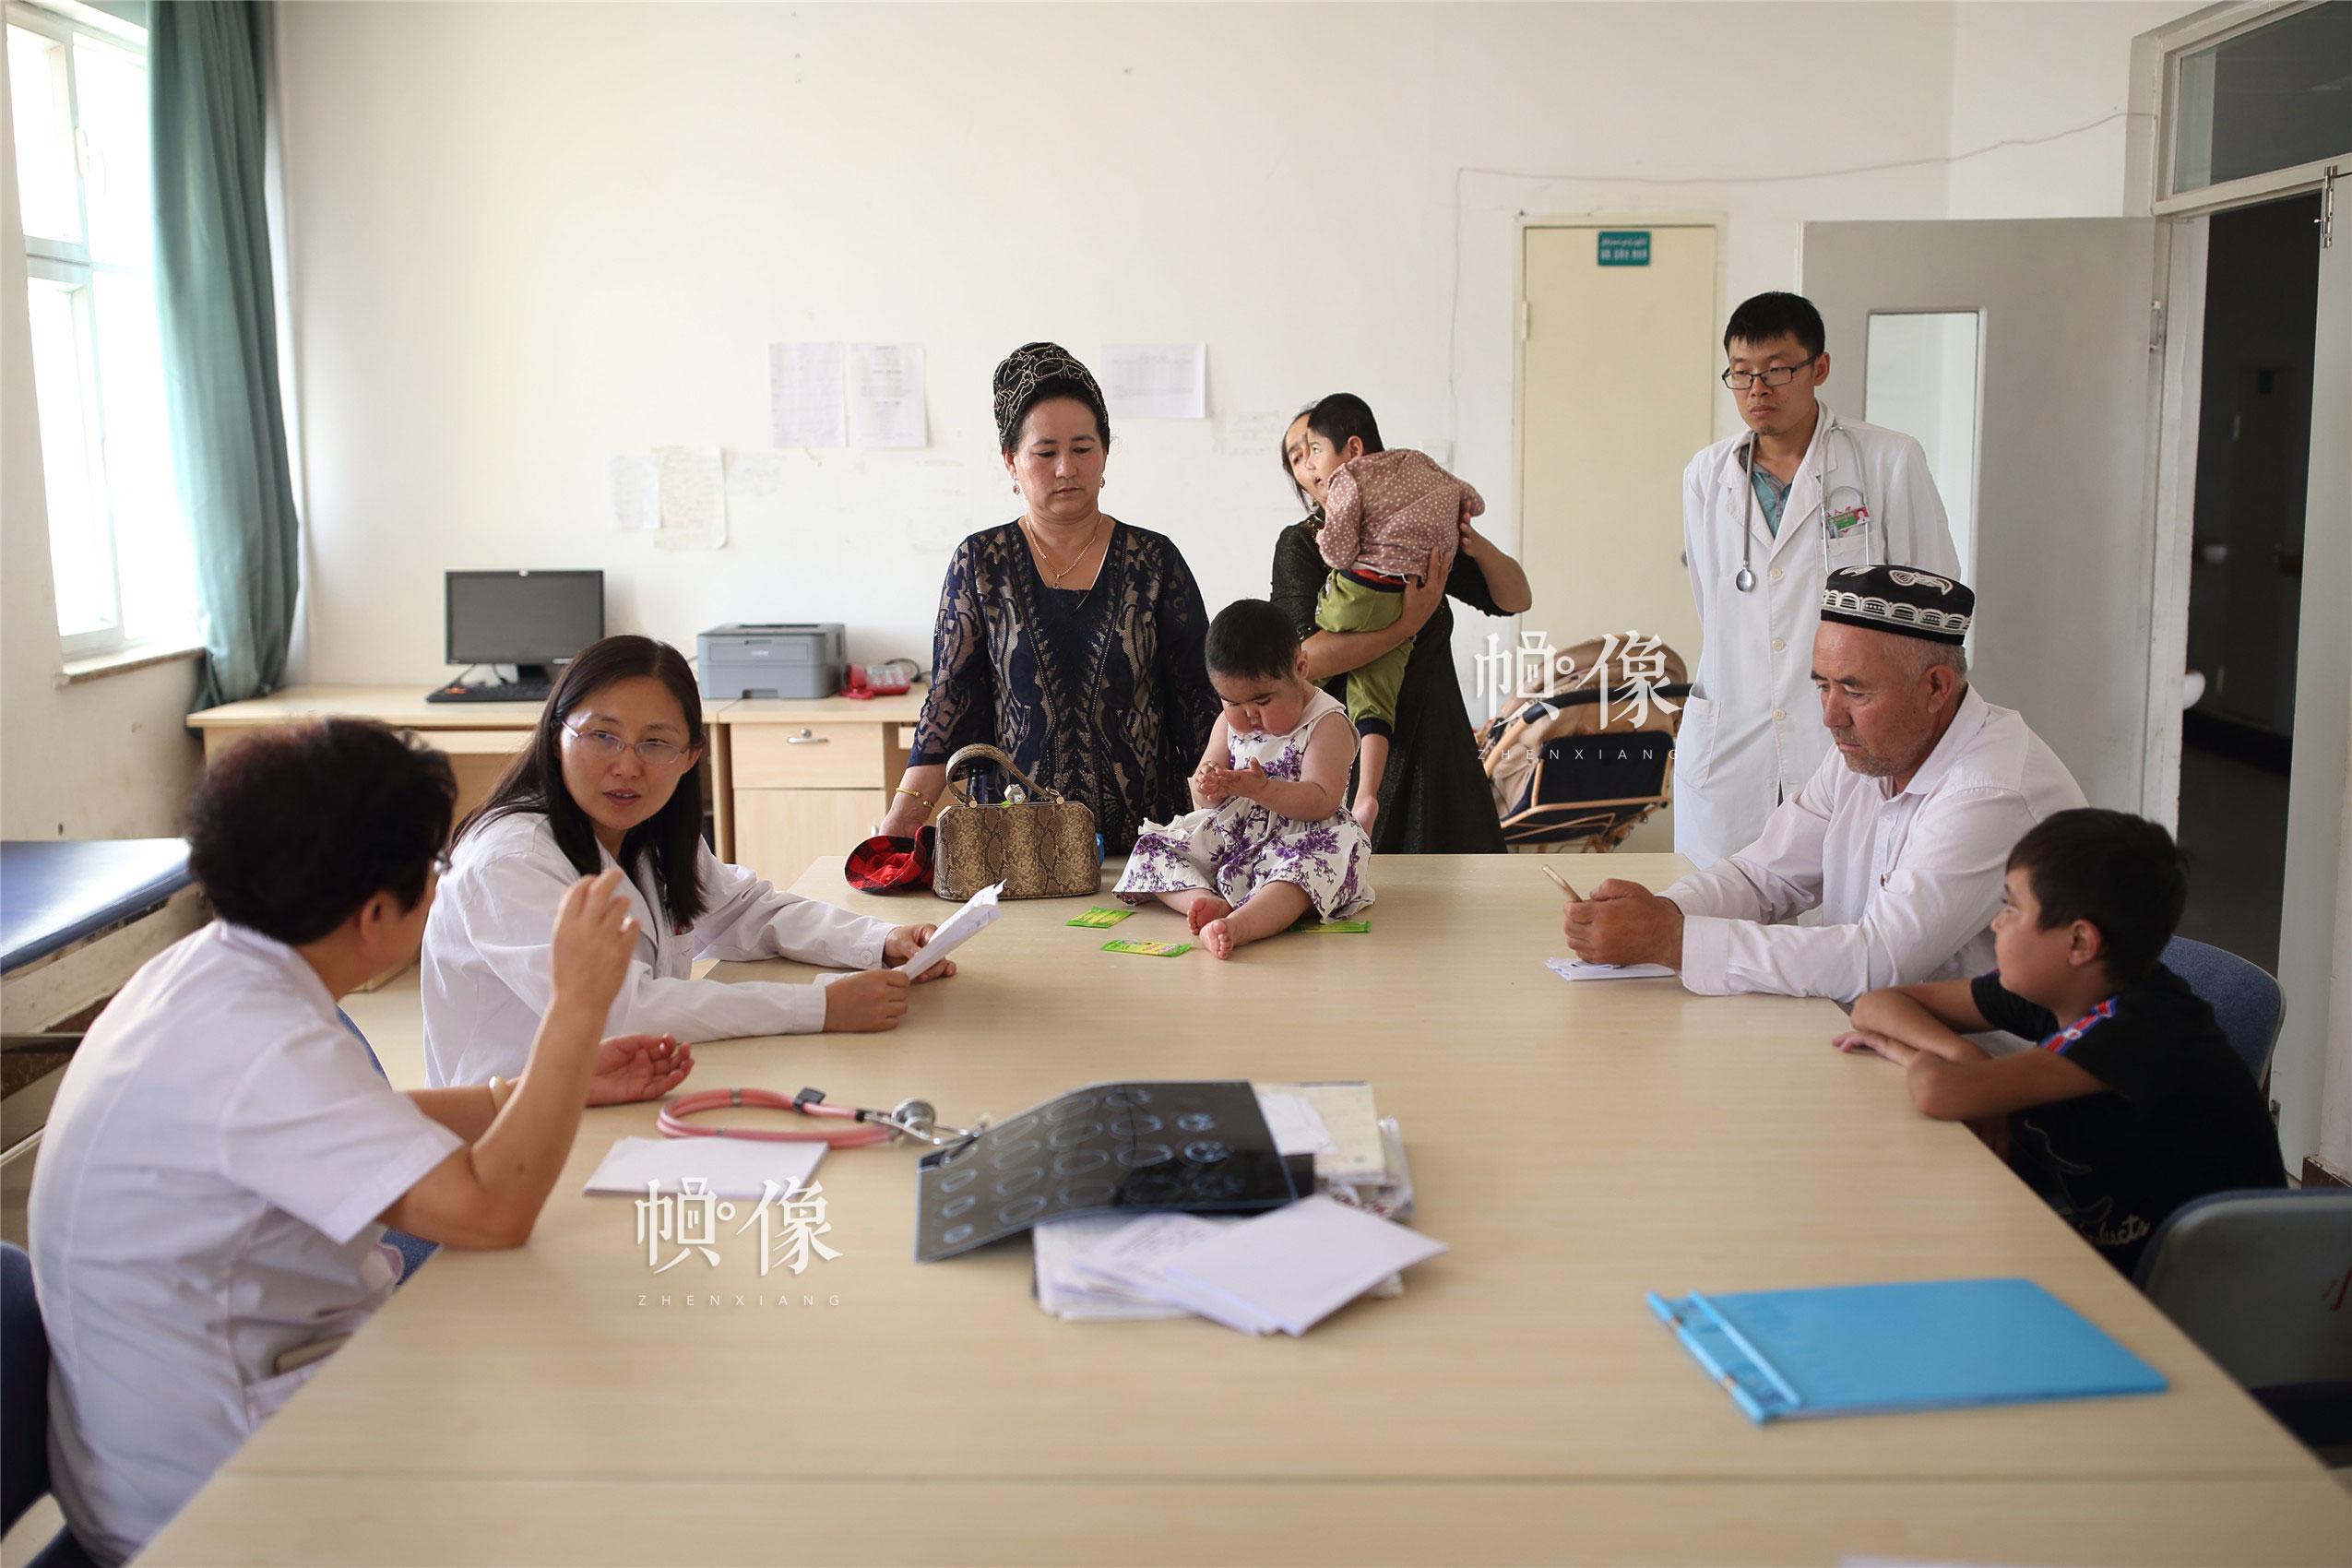 """北大医院主任医师、""""全国儿科医师专项培训项目"""" 培训课程设置负责人齐建光与新疆克州人民医院儿科主任韩建玲探讨儿童患者病情,多位儿童罕见病患者前来诊治。中国网记者 陈维松 摄"""